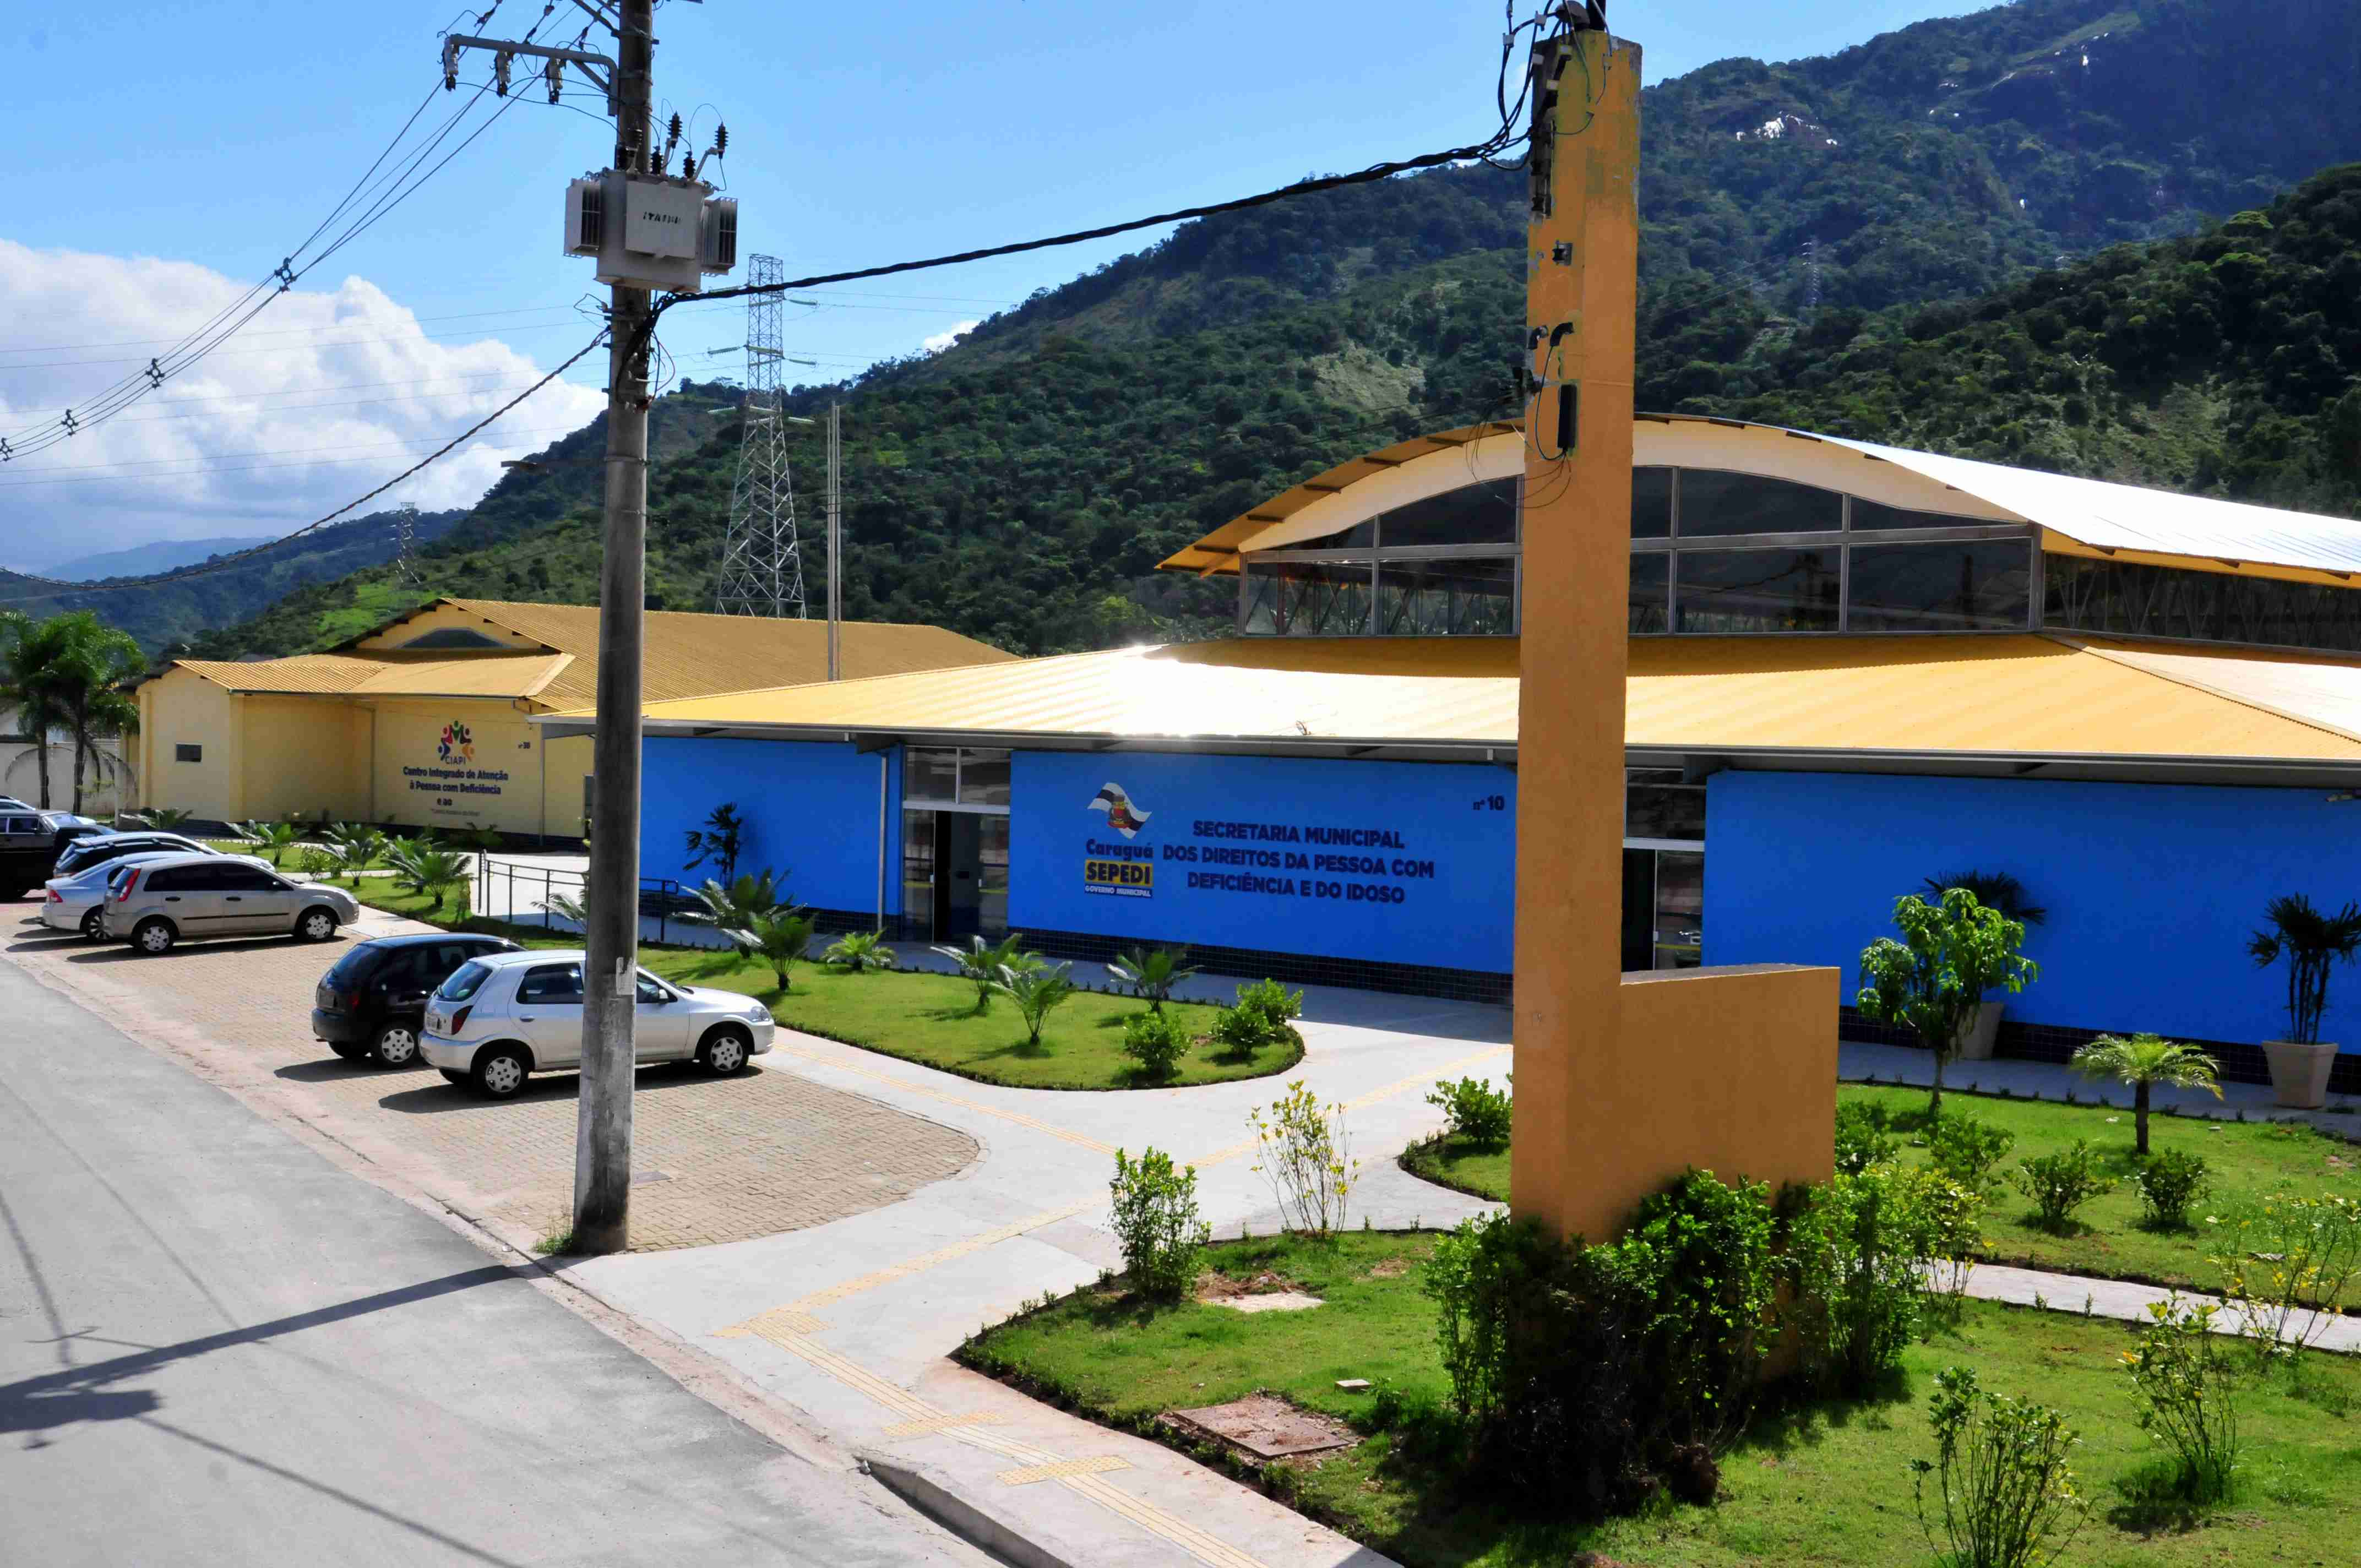 Aguilar Junior solicita curso de extensão em informática, inglês e saúde voltado à Terceira Idade